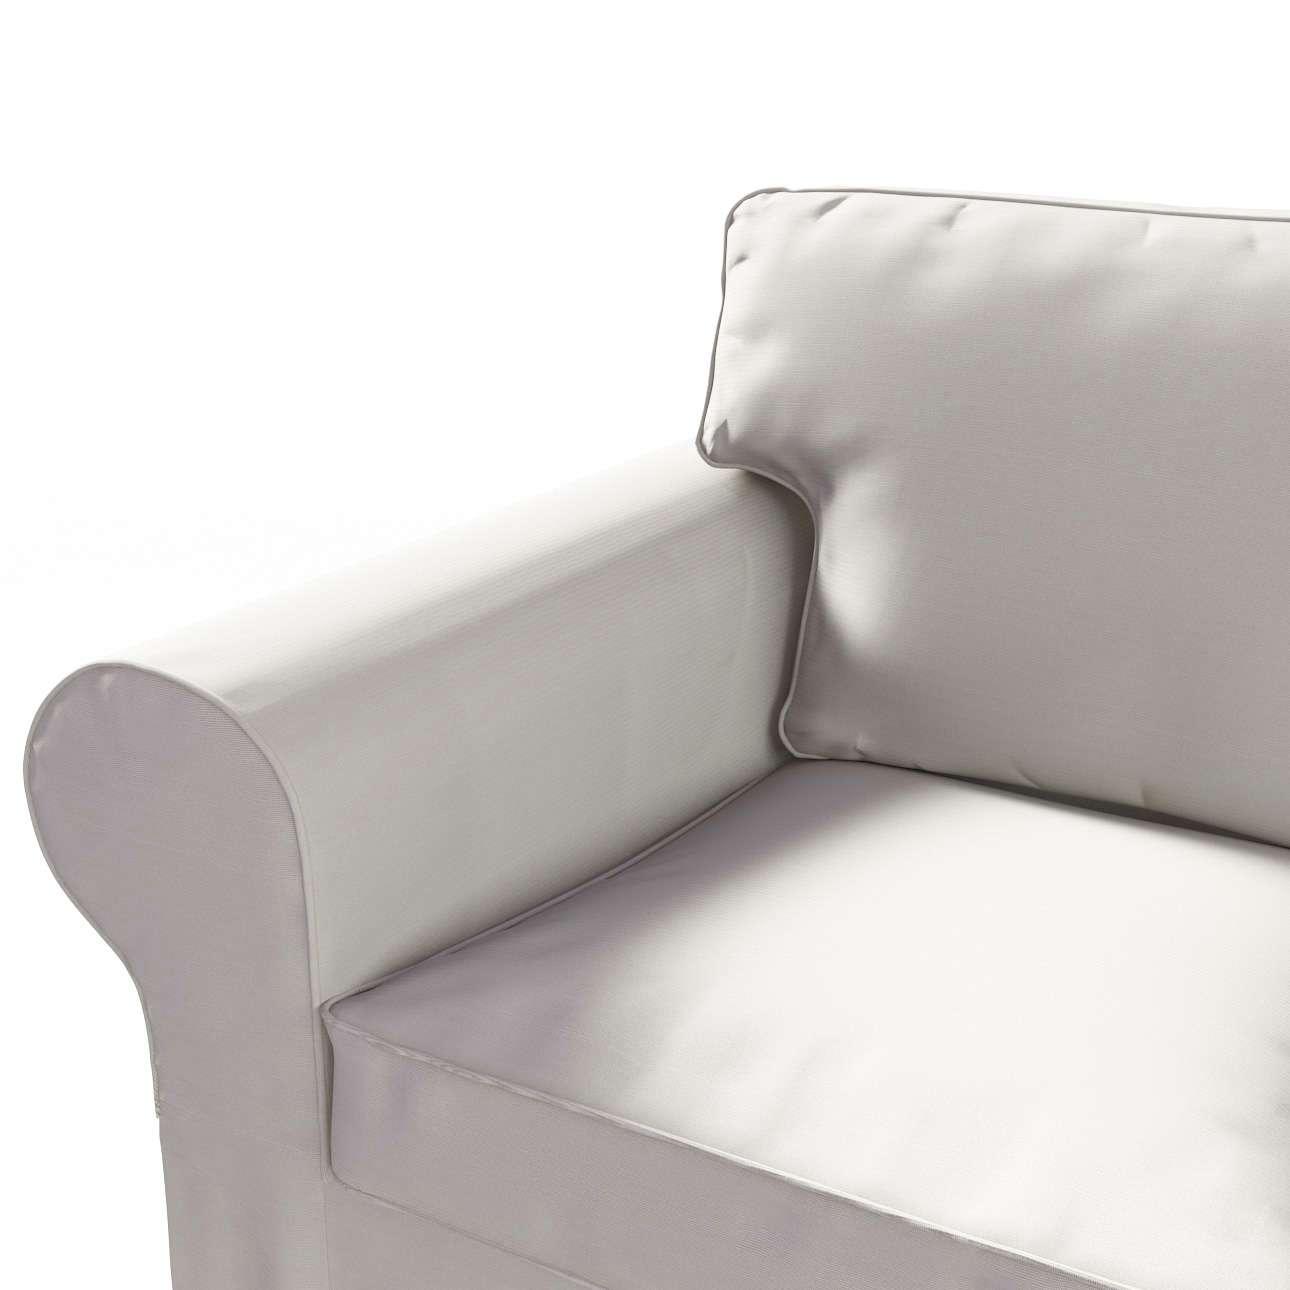 Pokrowiec na sofę Ektorp 3-osobową, rozkładaną NOWY MODEL 2013 Ektorp 3-os rozkładany nowy model 2013 w kolekcji Cotton Panama, tkanina: 702-31